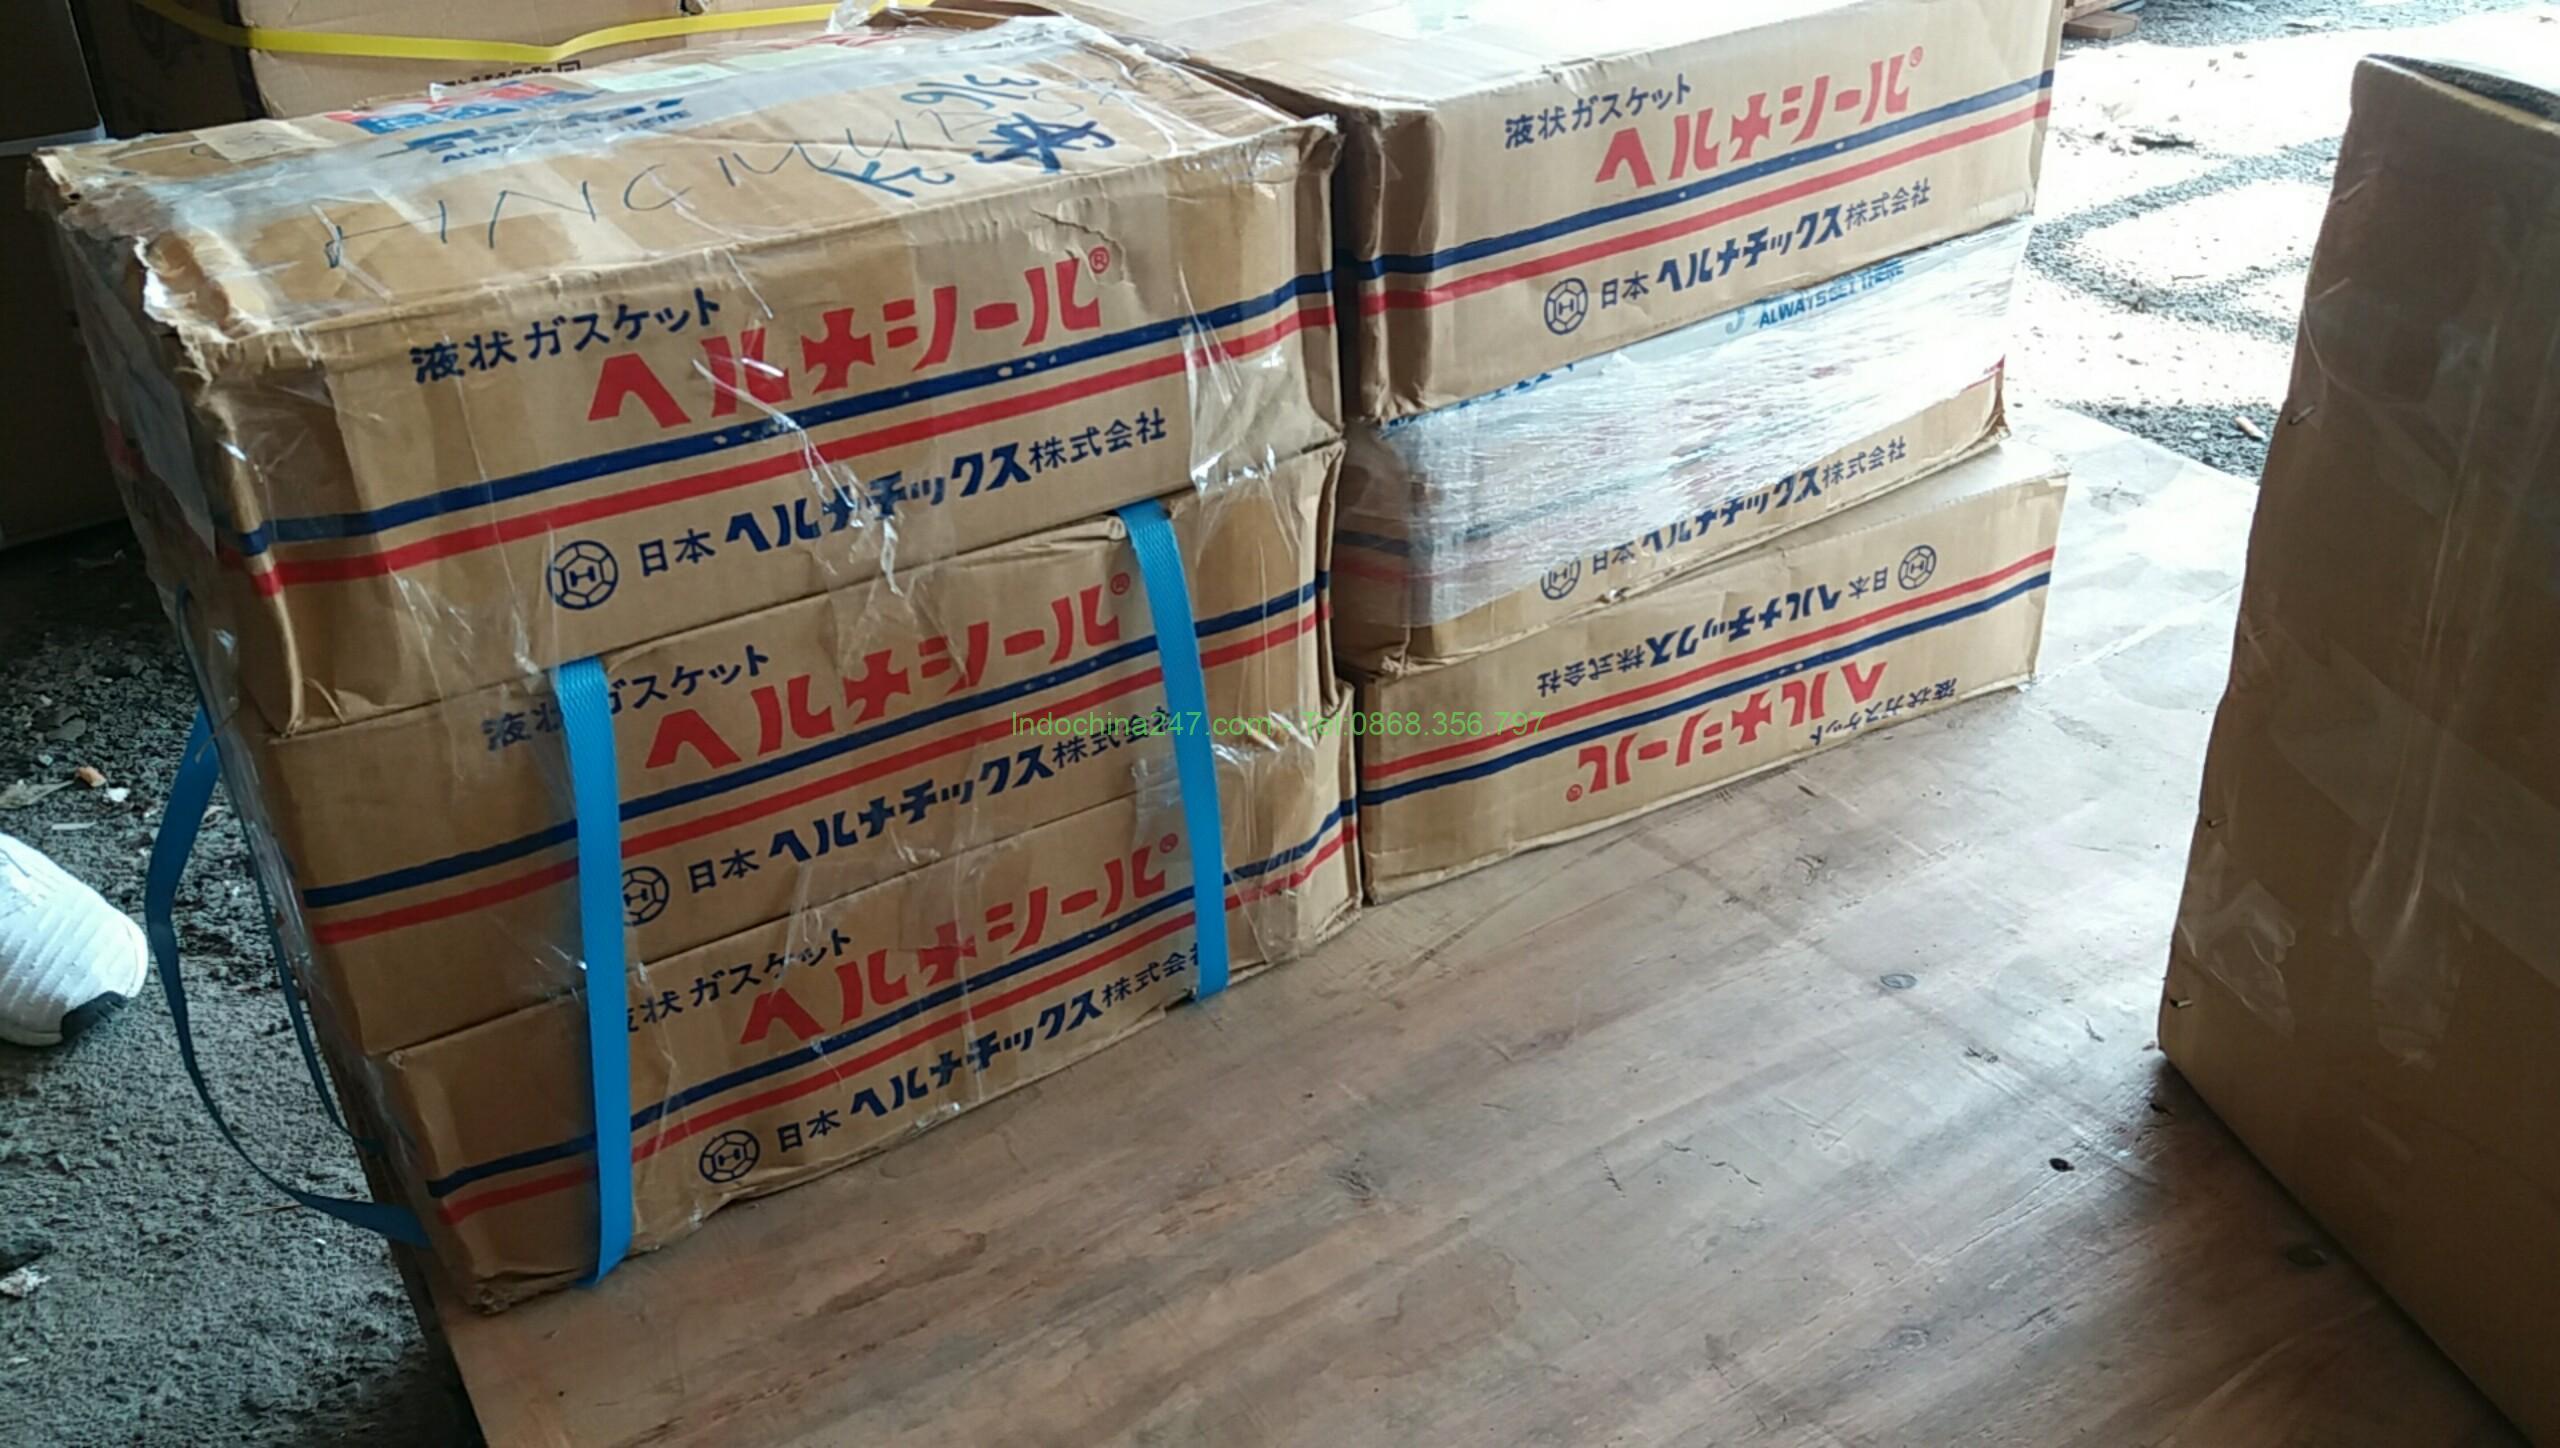 Vận chuyển hàng keo dán từ Nhật về Hà Tĩnh - Indochina247.com